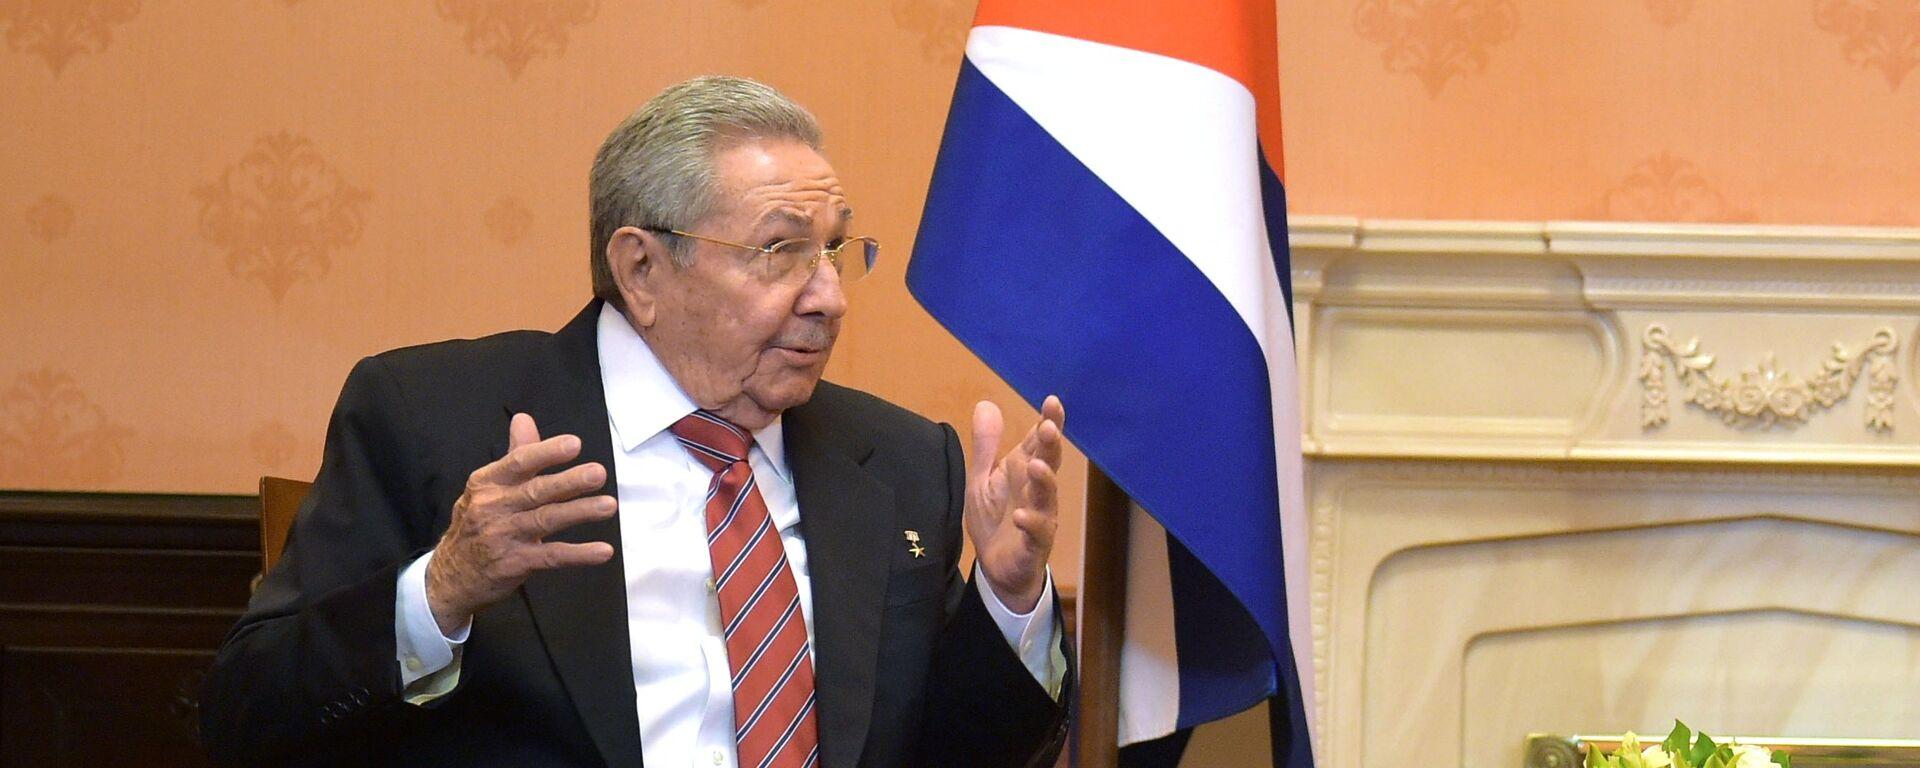 Raúl Castro, expresidente de Cuba - Sputnik Mundo, 1920, 03.06.2021